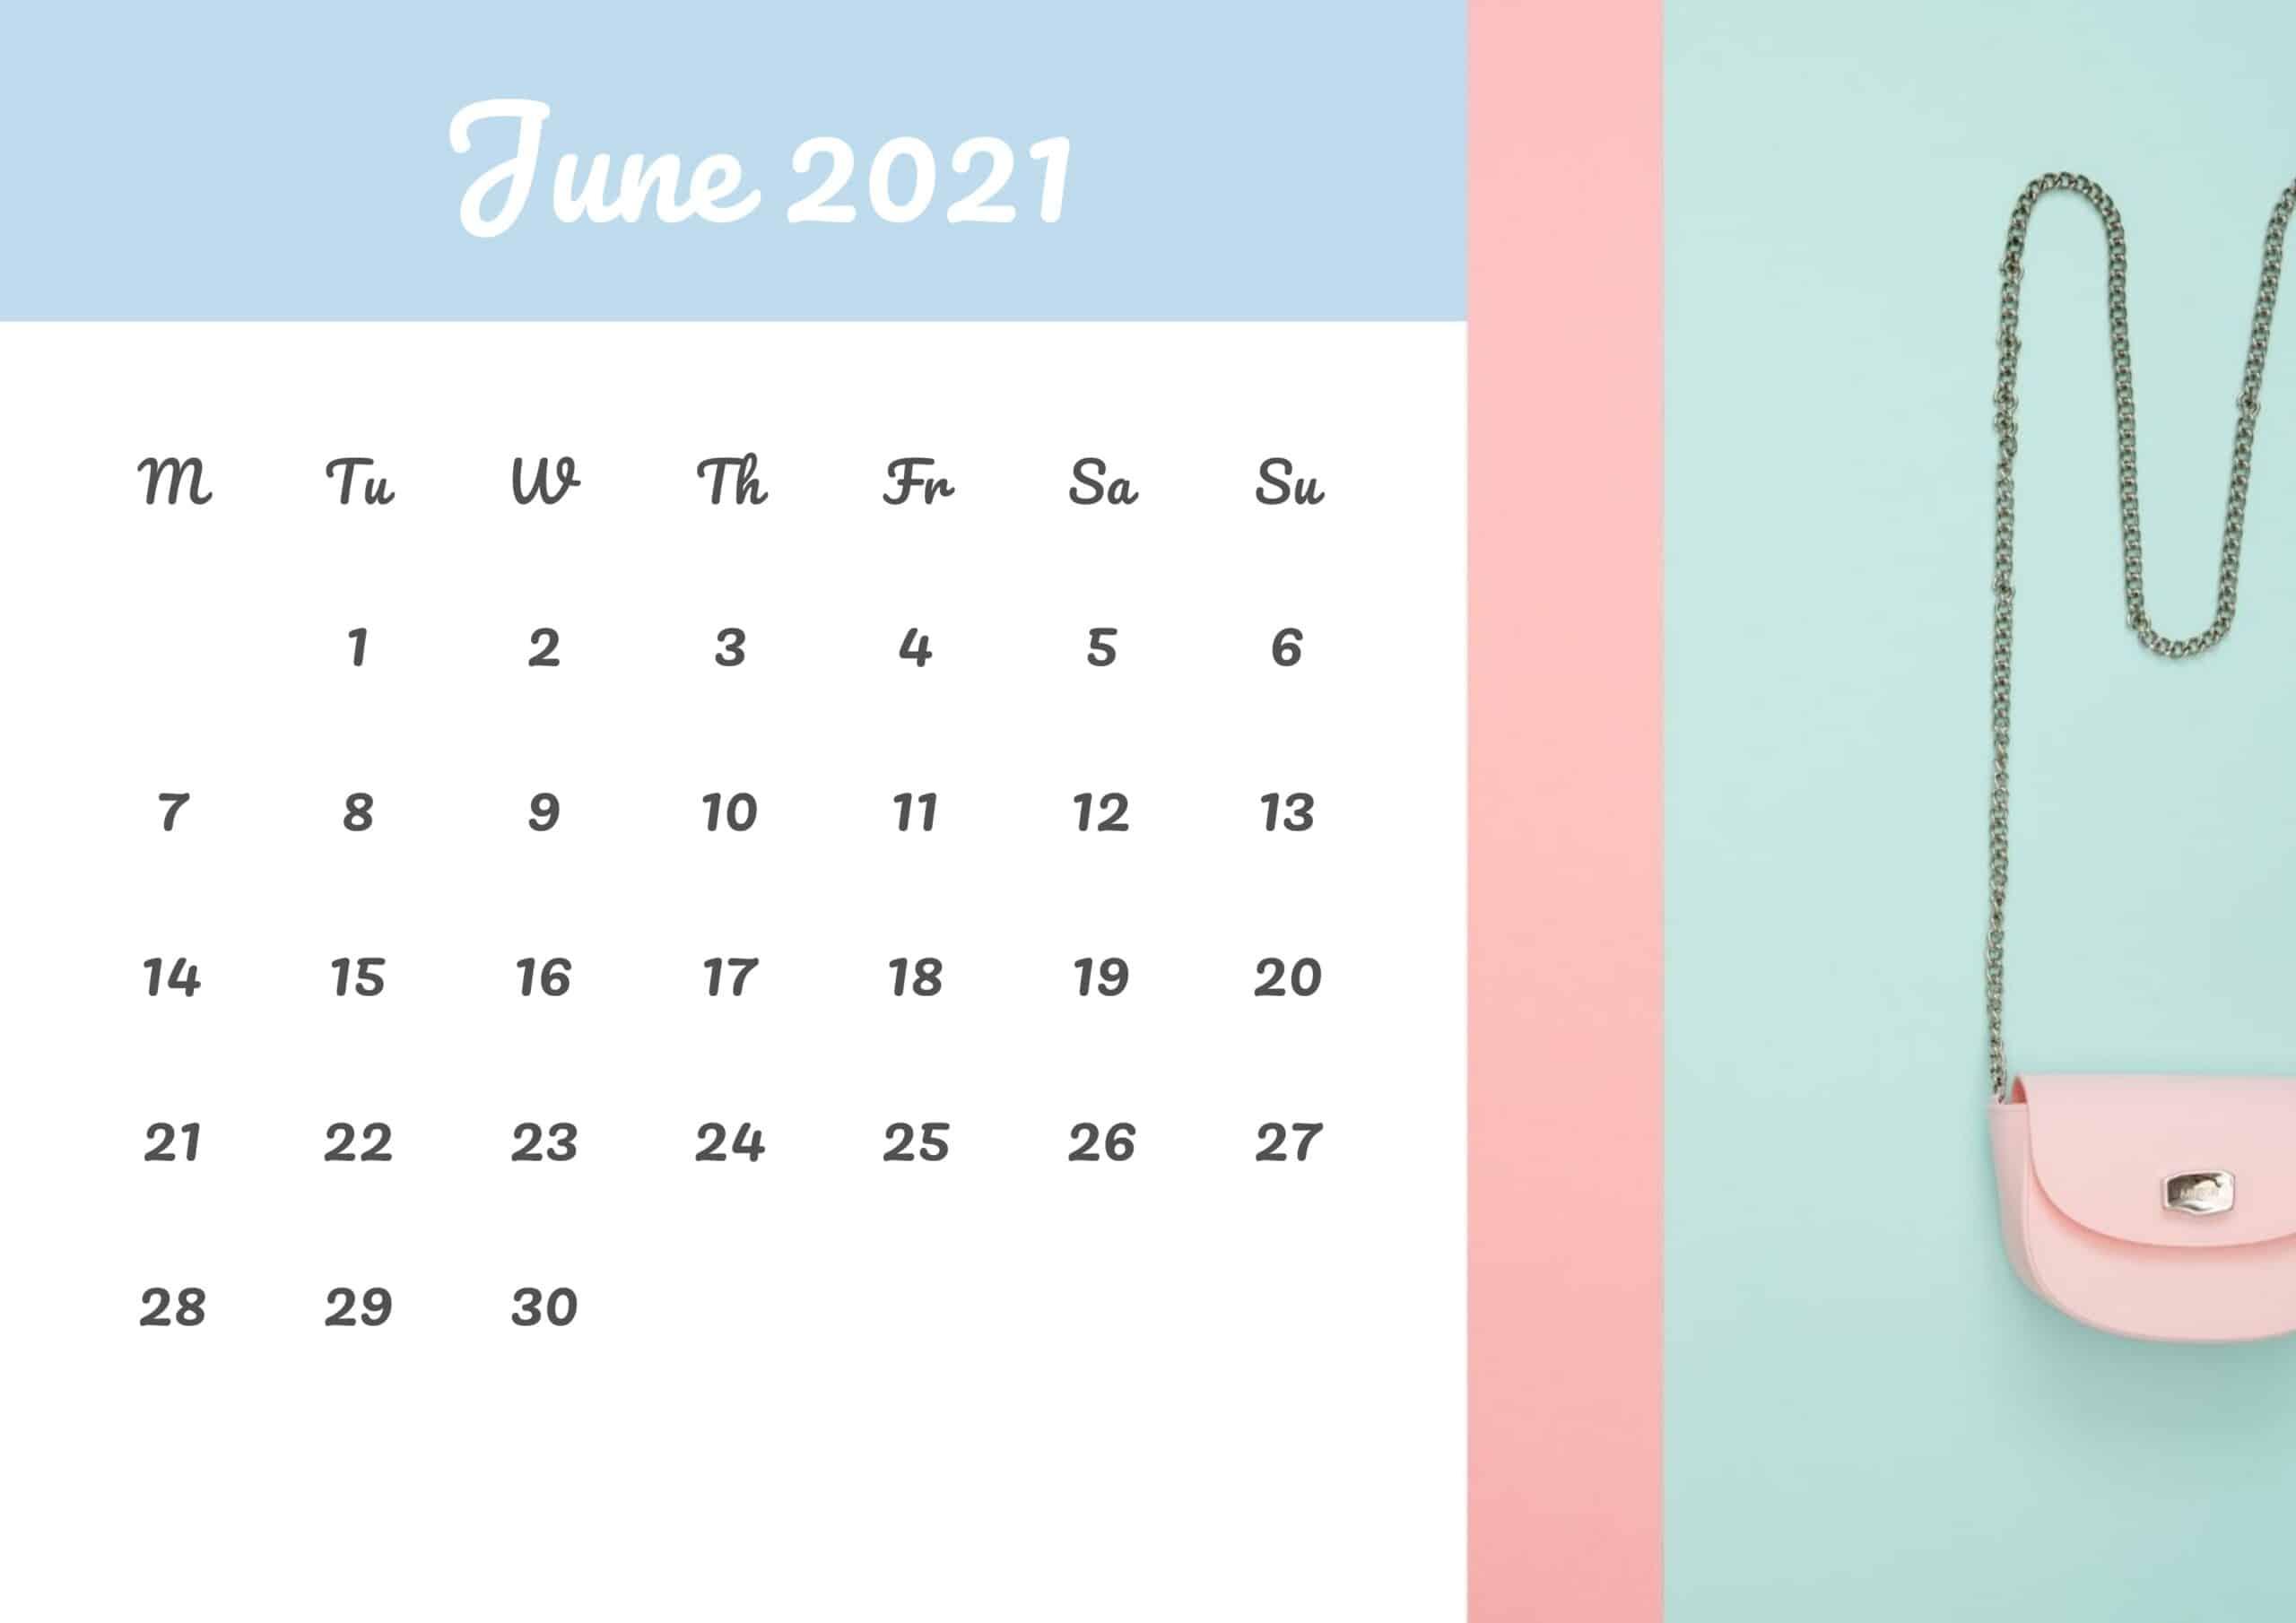 Cute Calendar June 2021 Free